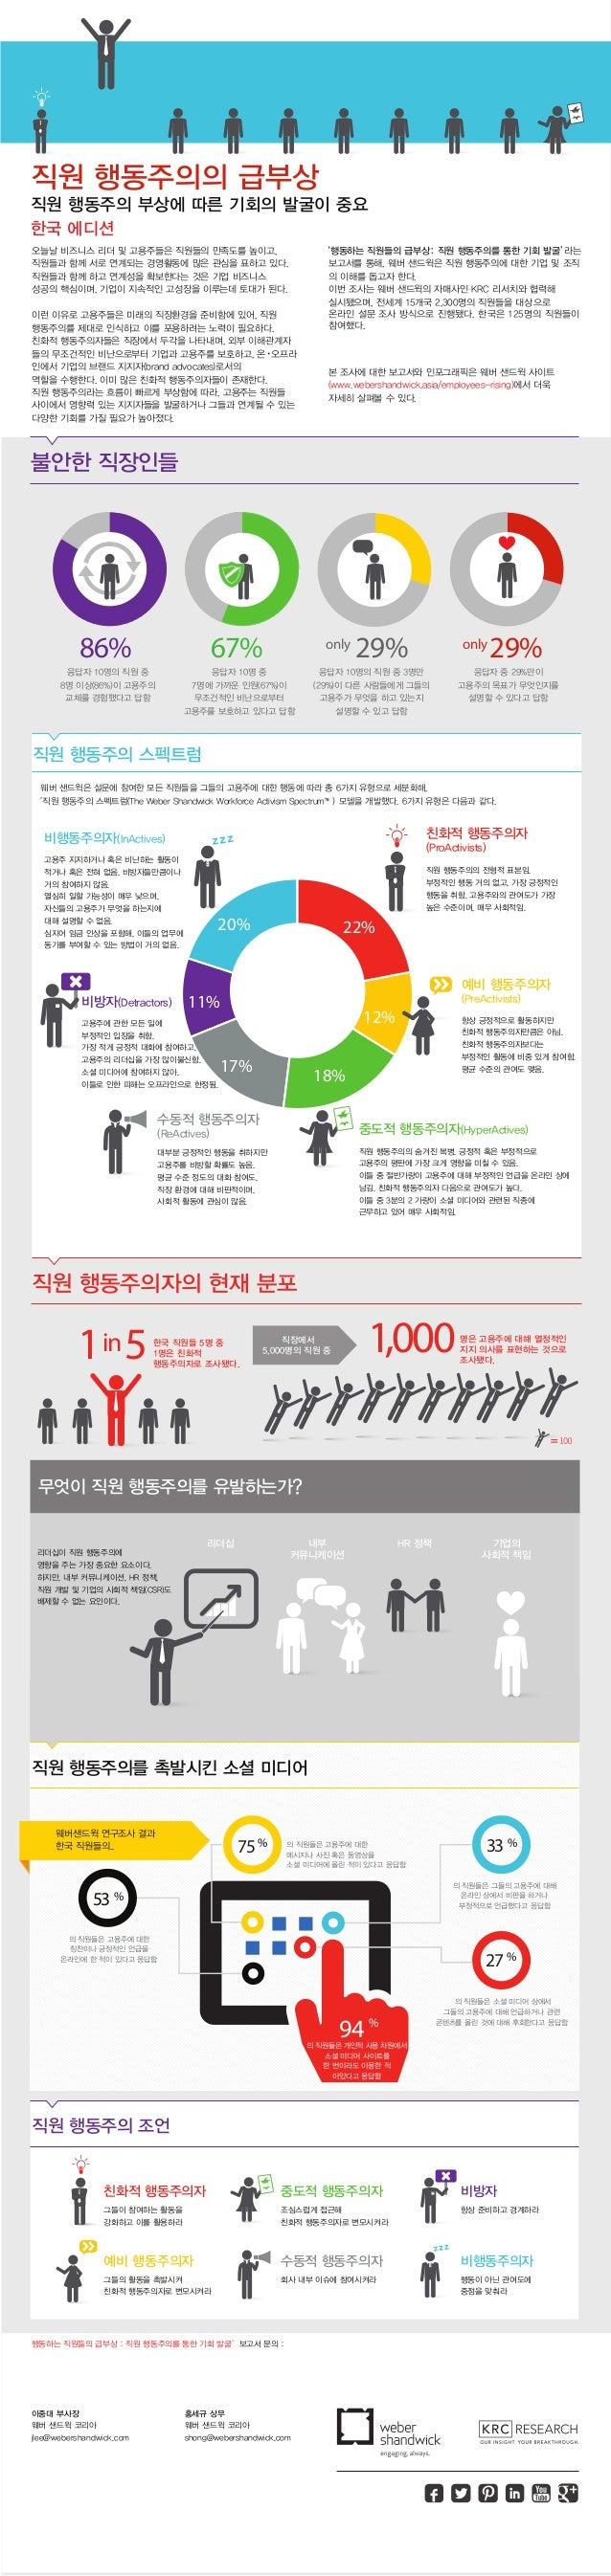 리더십 내부 커뮤니케이션 HR 정책 기업의 사회적 책임 22% 12% 18% 17% 11% 20% 86% 67% 29% 29% 1in5 1,000 75% 53 % 33 % 27 % %94 only only % 직원 행동...